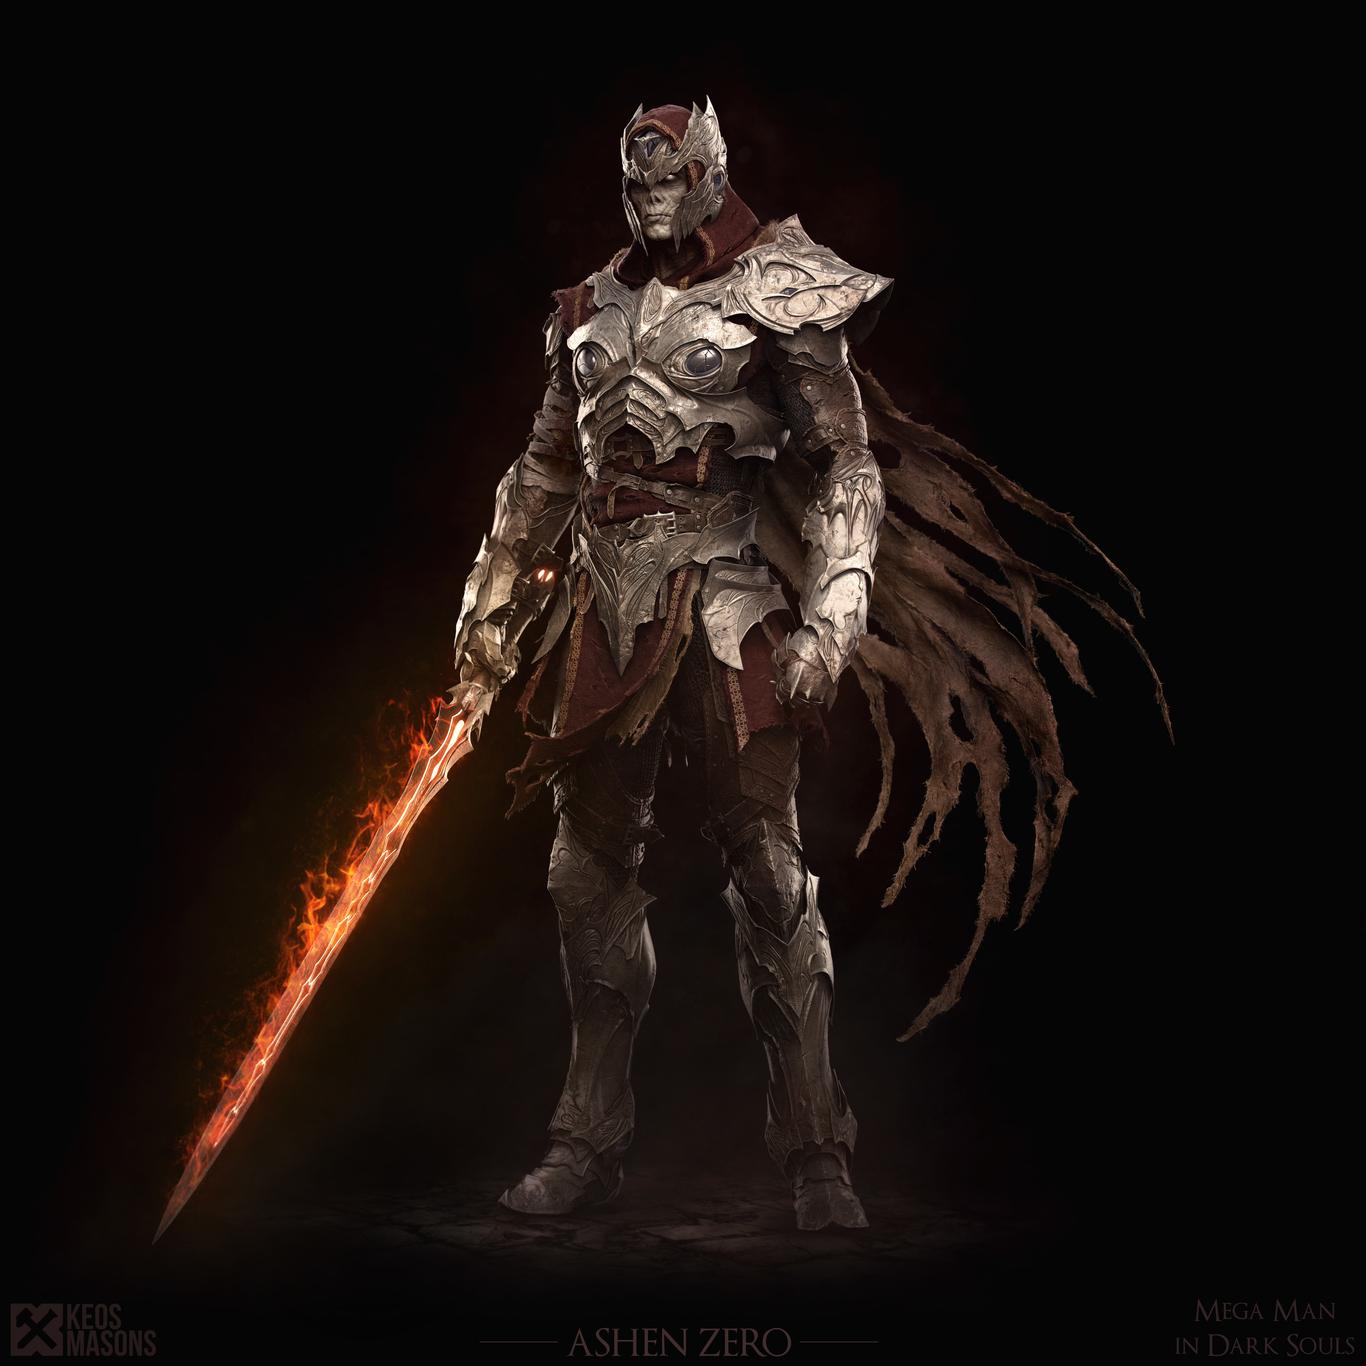 Shocksplash ashen zero mega man  1 f44b7436 5wln